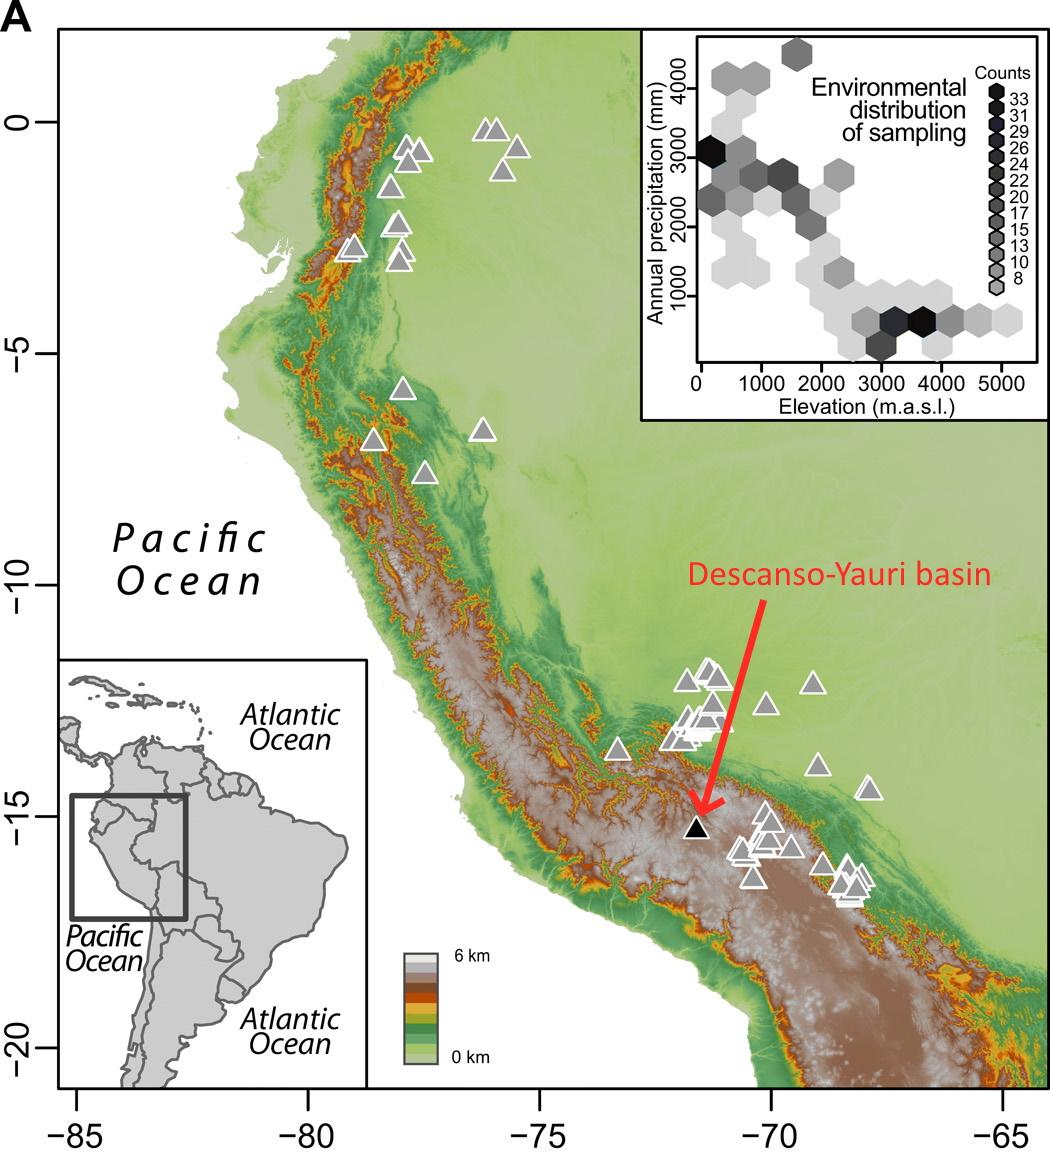 ペルーで発見された1000万年前の「巨木の化石」から、既存の古代気候モデルの予想と異なる証拠が見つかる!の画像 3/4